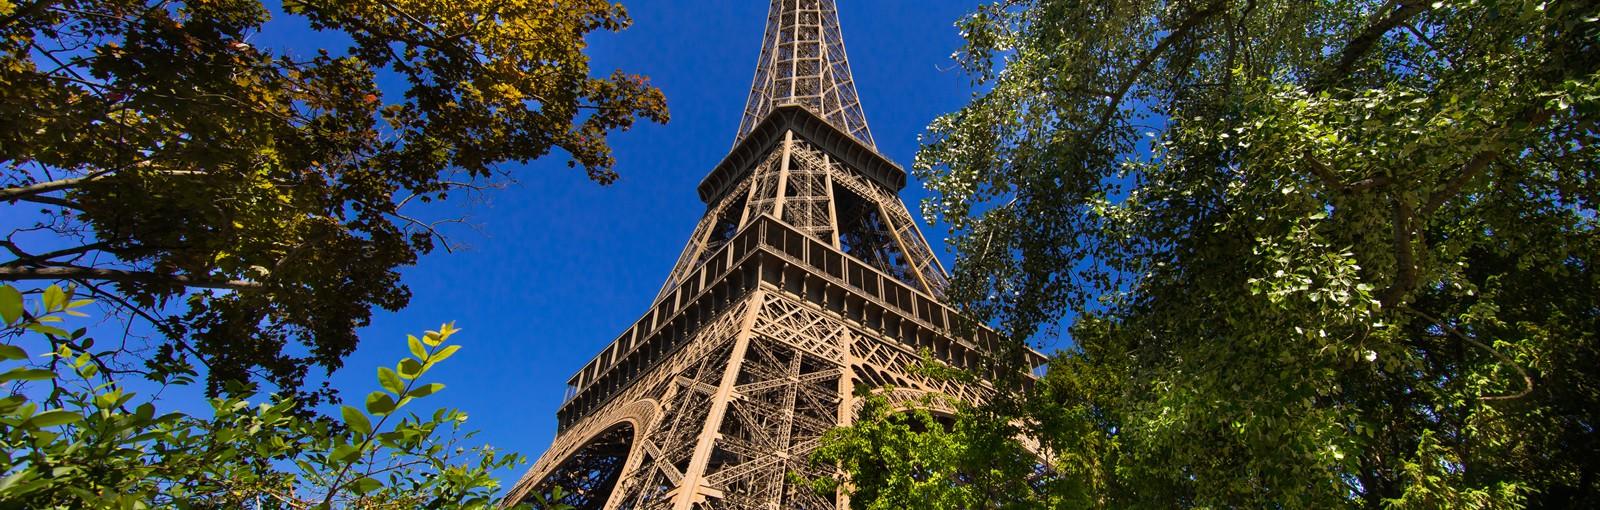 Tours Paris package with 4 hotel nights - Paris Packages - Paris Tours